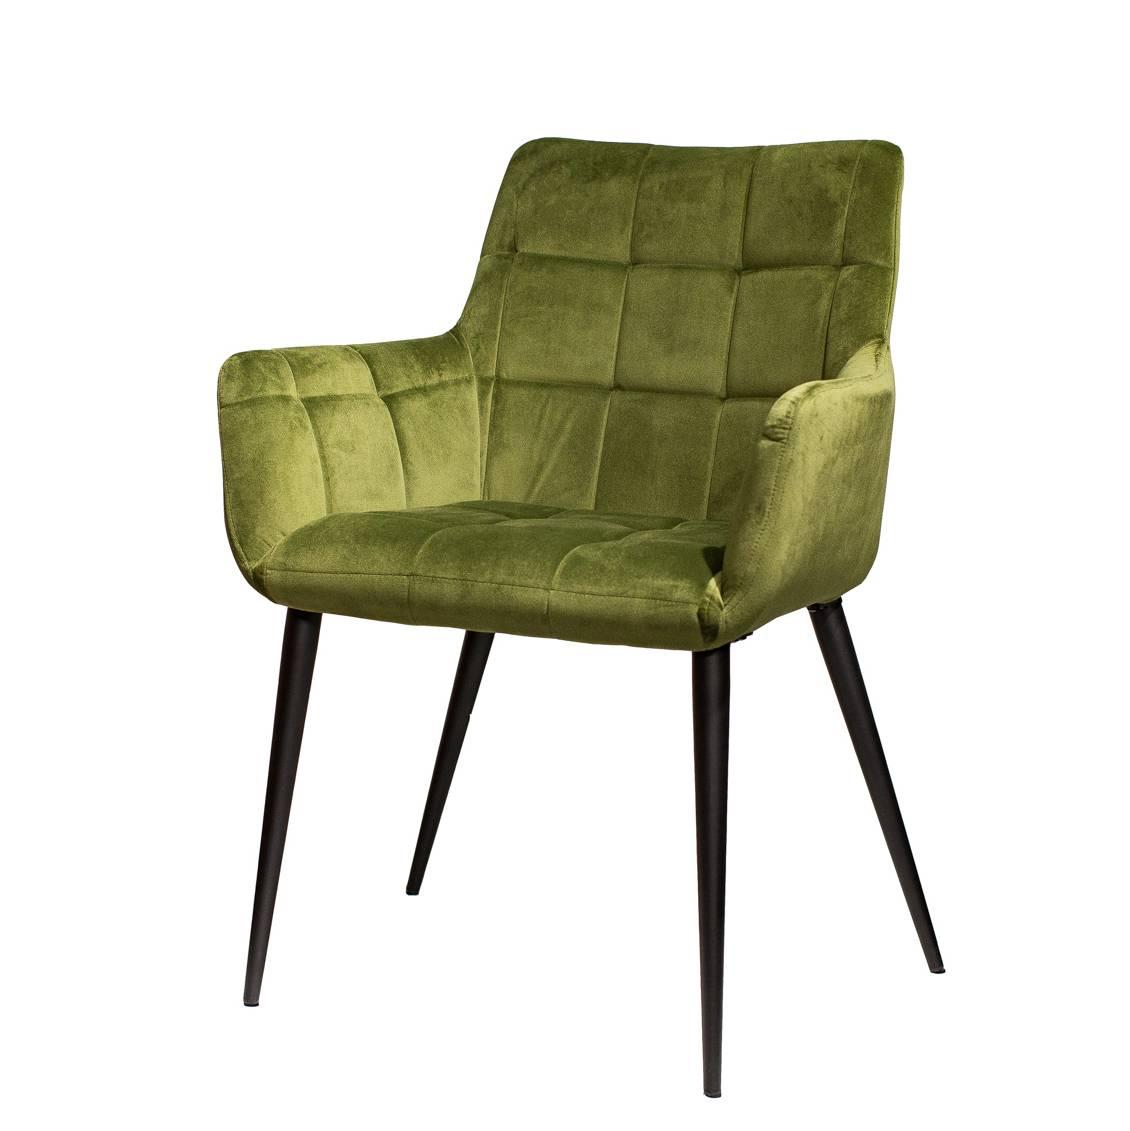 Купить стул с подлокотниками Jackwood West в Raroom